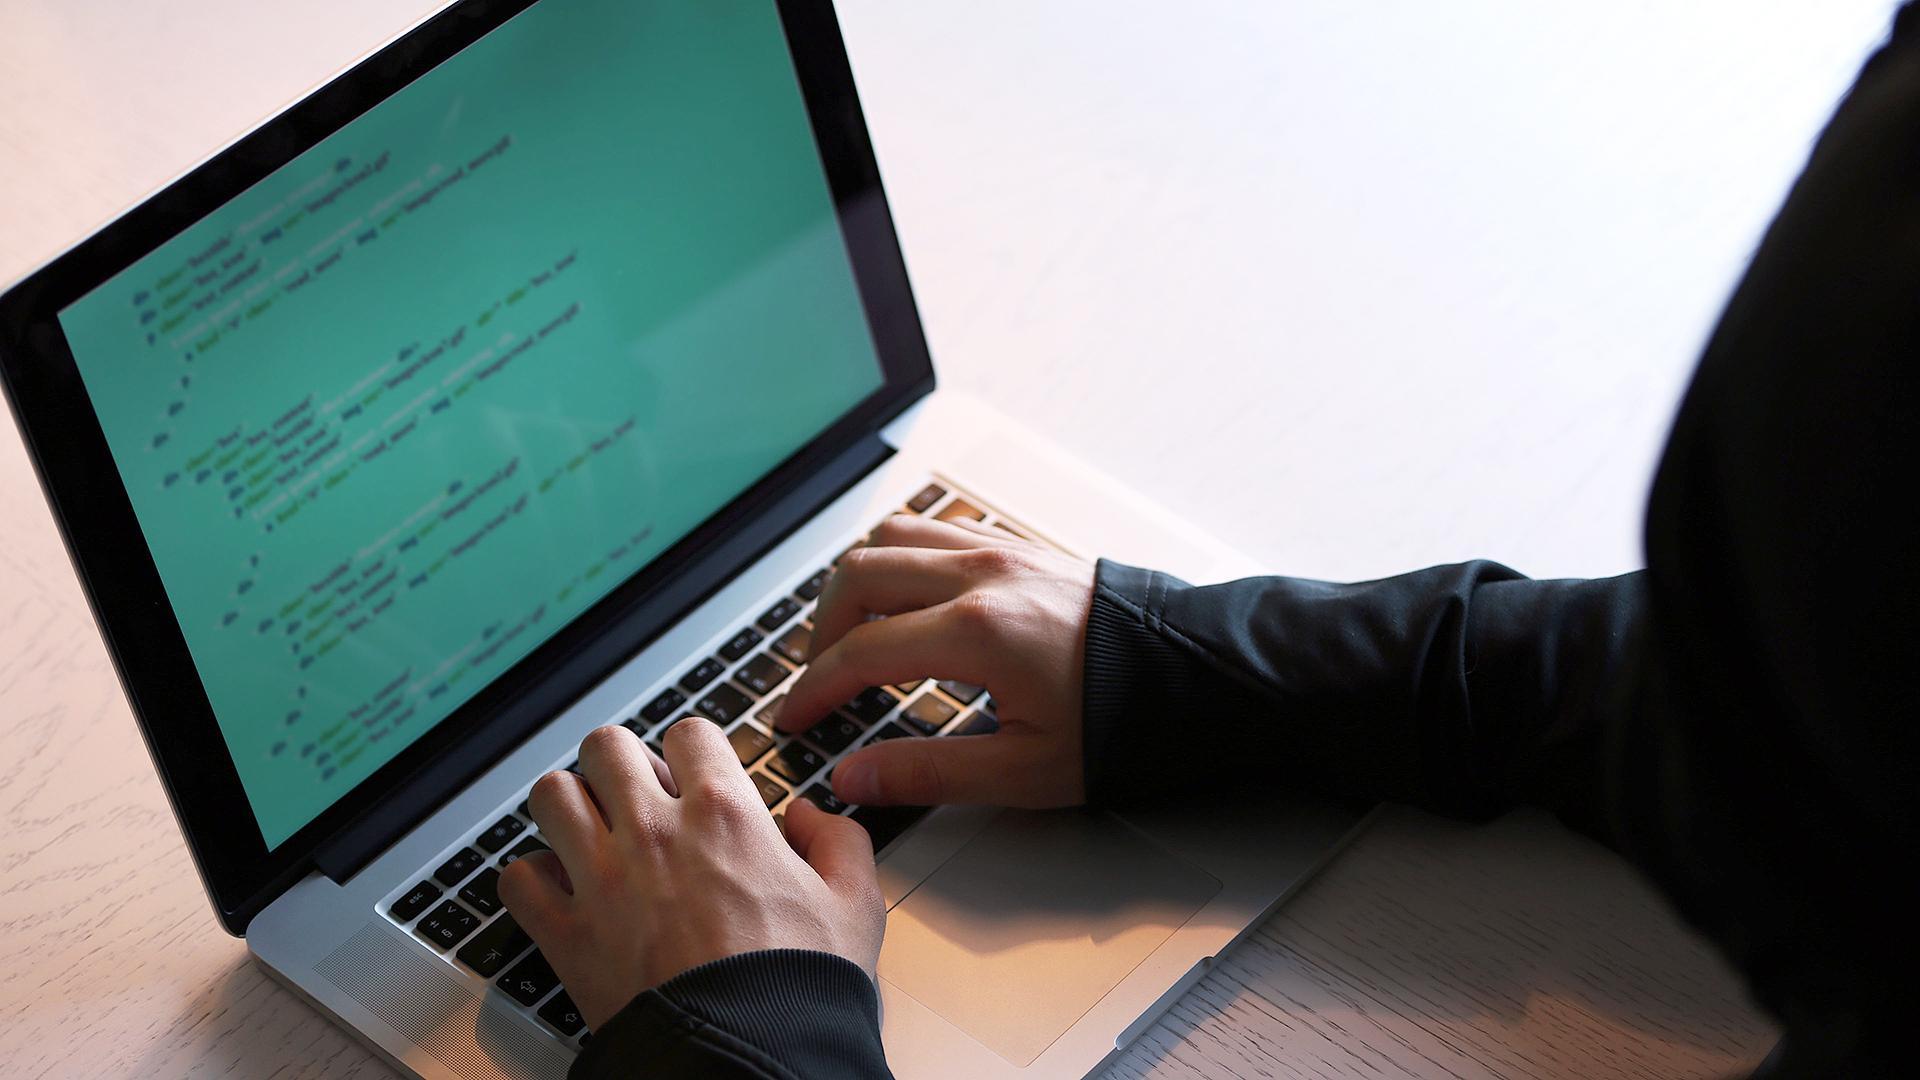 Мошенники шантажируют россиян интимными снимками с веб-камер